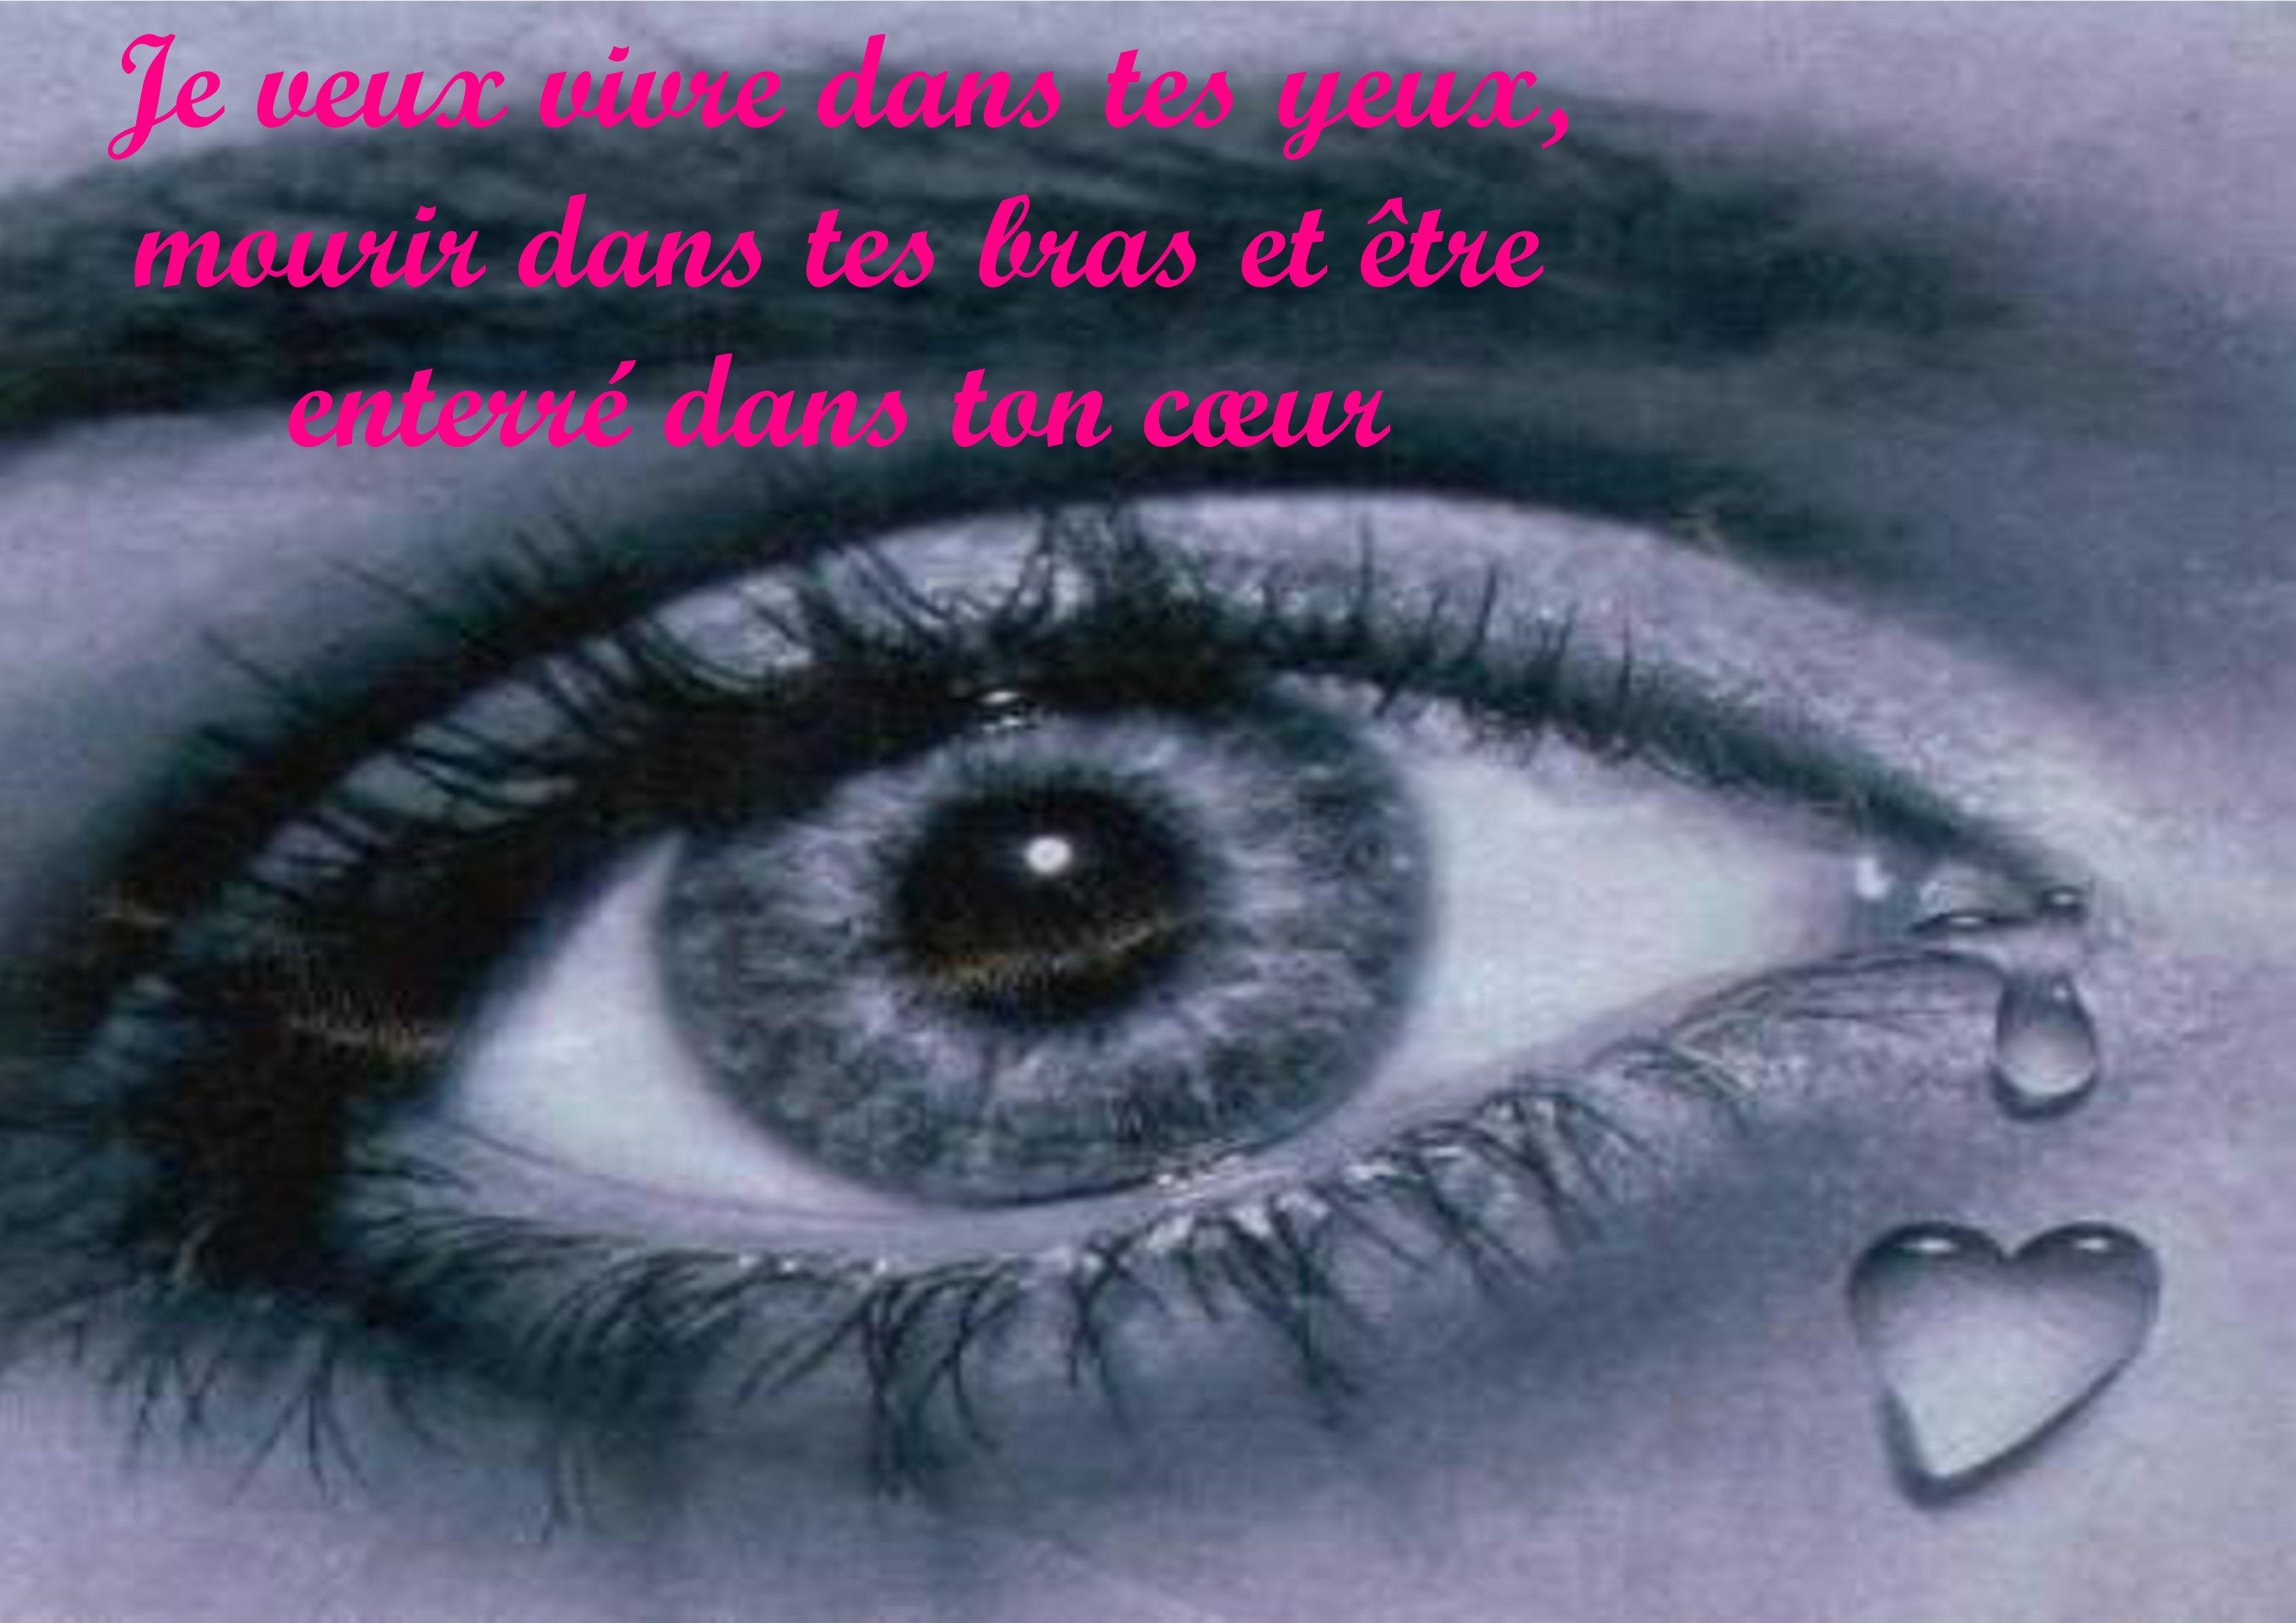 Citation n 9 dans tes yeux for Dans tes yeux